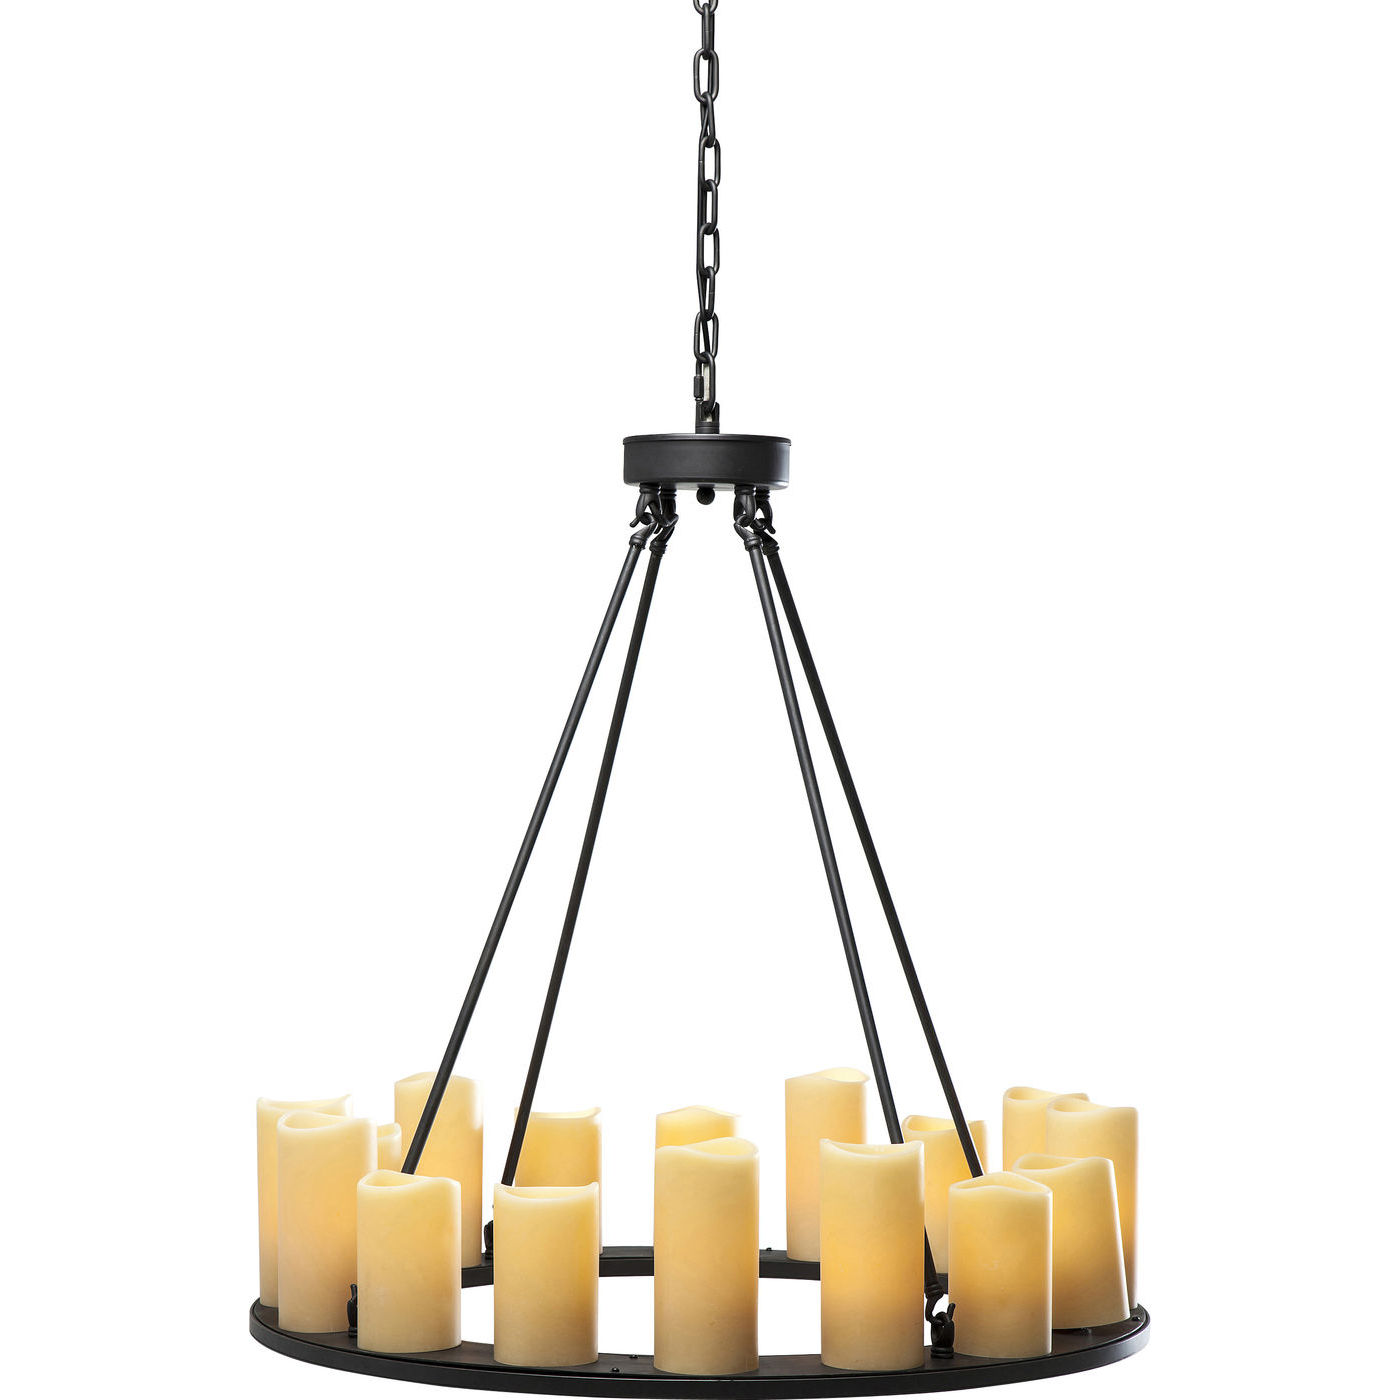 Billede af Kare Design Loftslampe, Candle Light Round